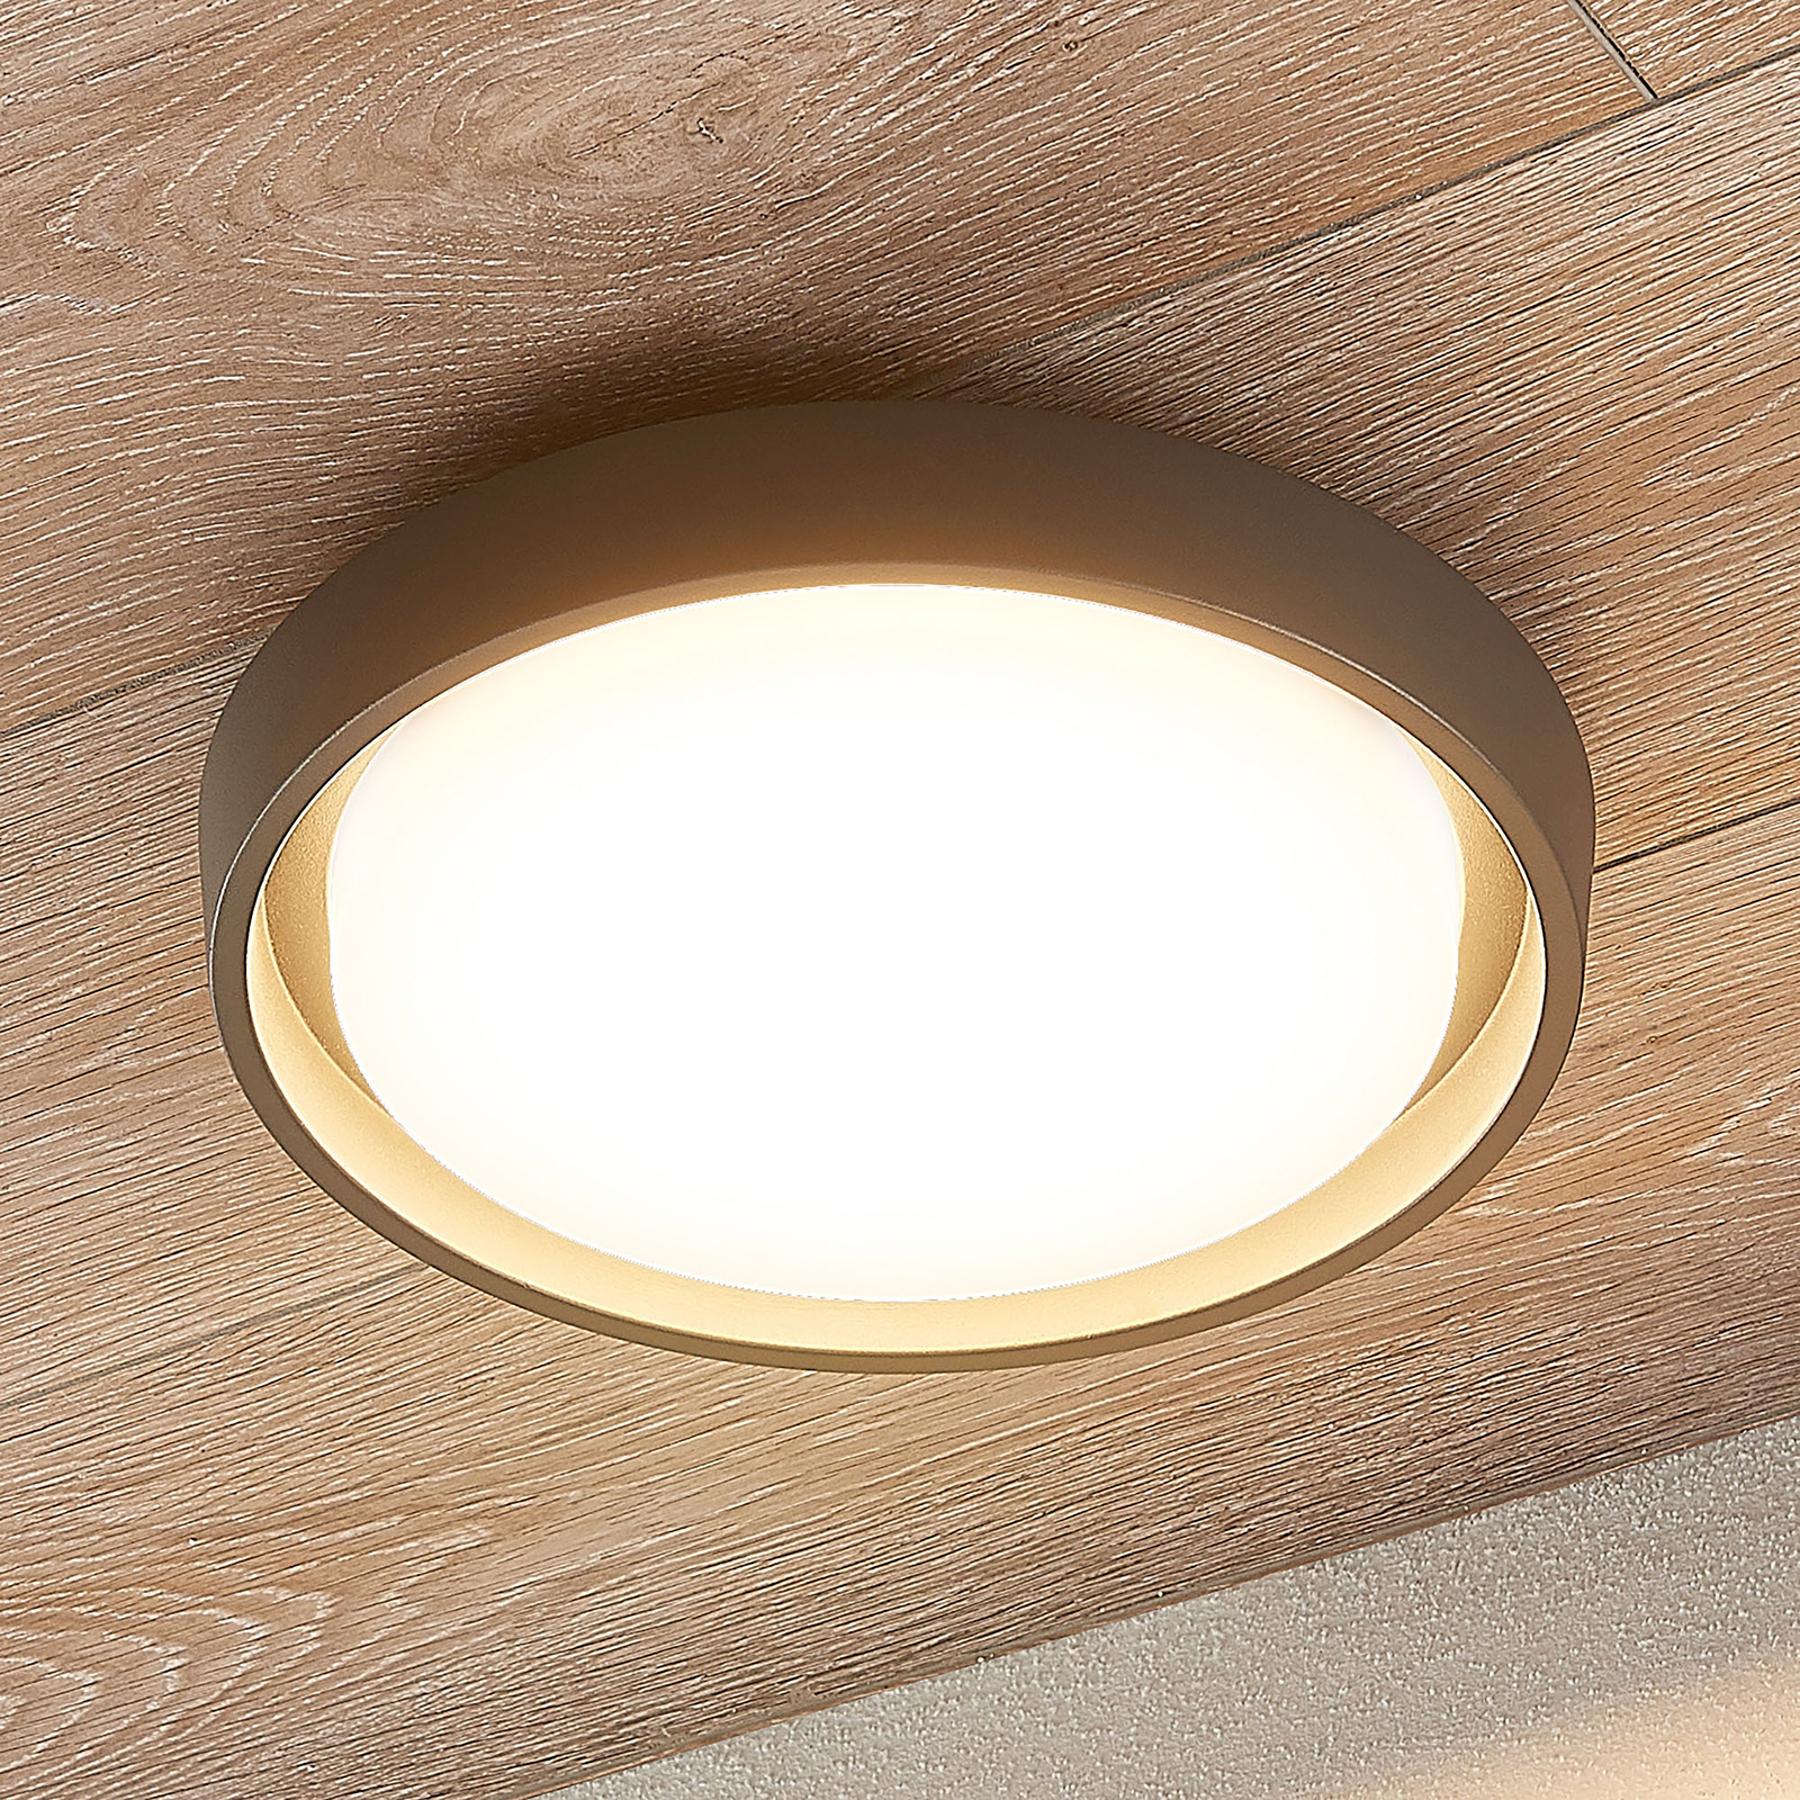 Lampa sufitowa LED Birta, okrągła, 27 cm